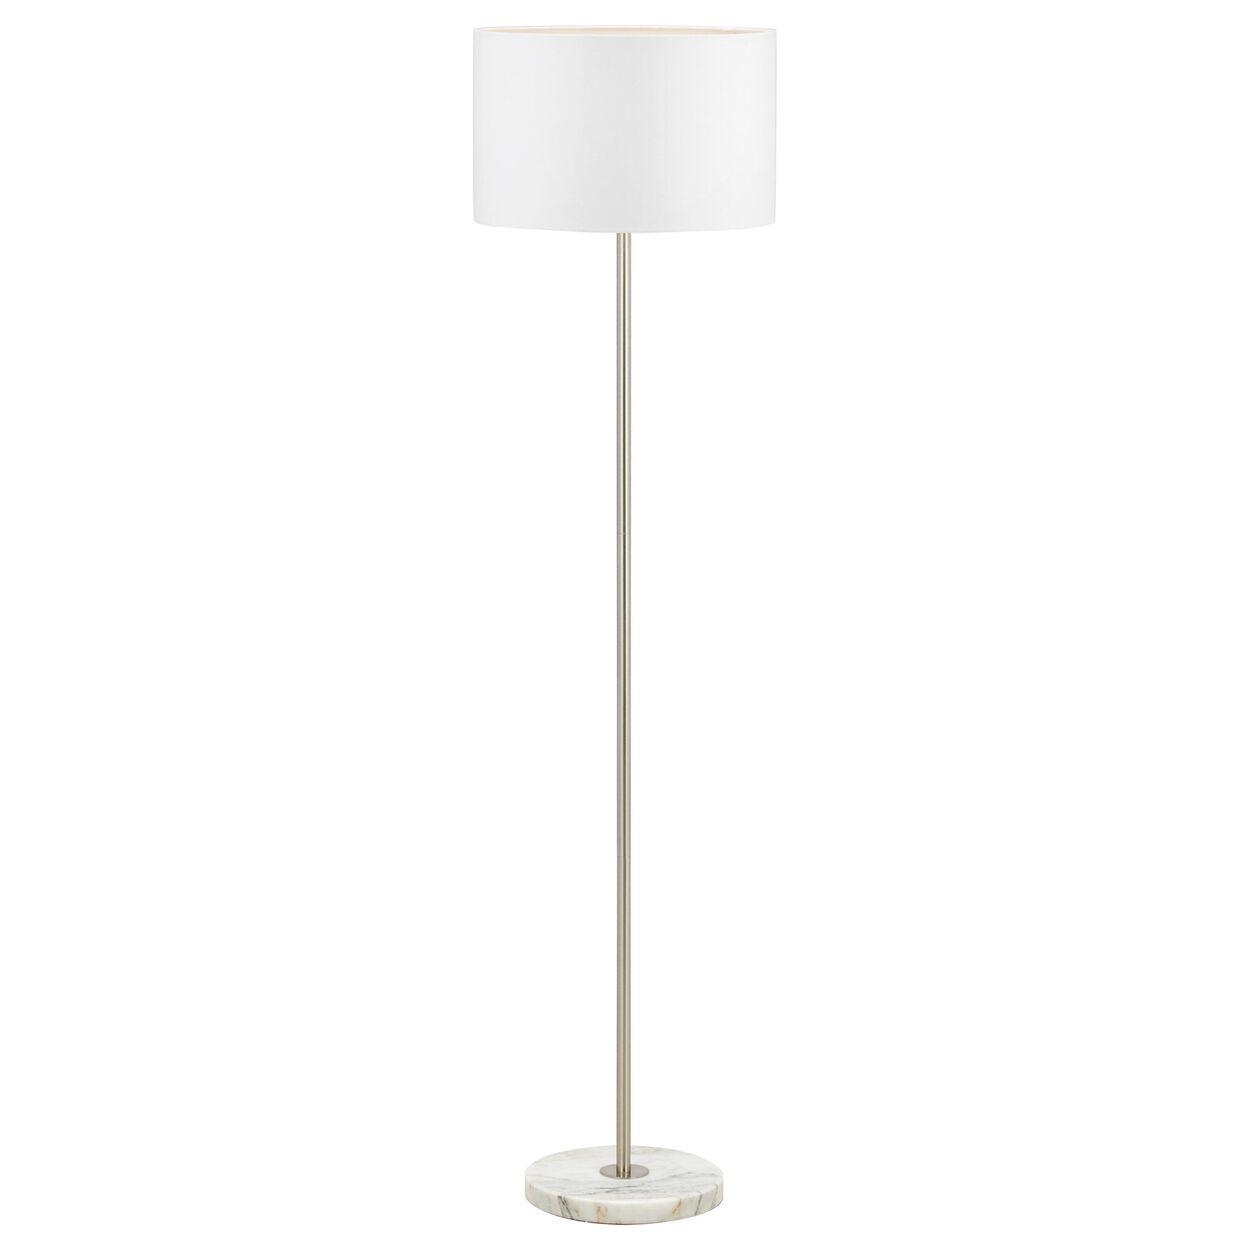 Marble and Metal Floor Lamp